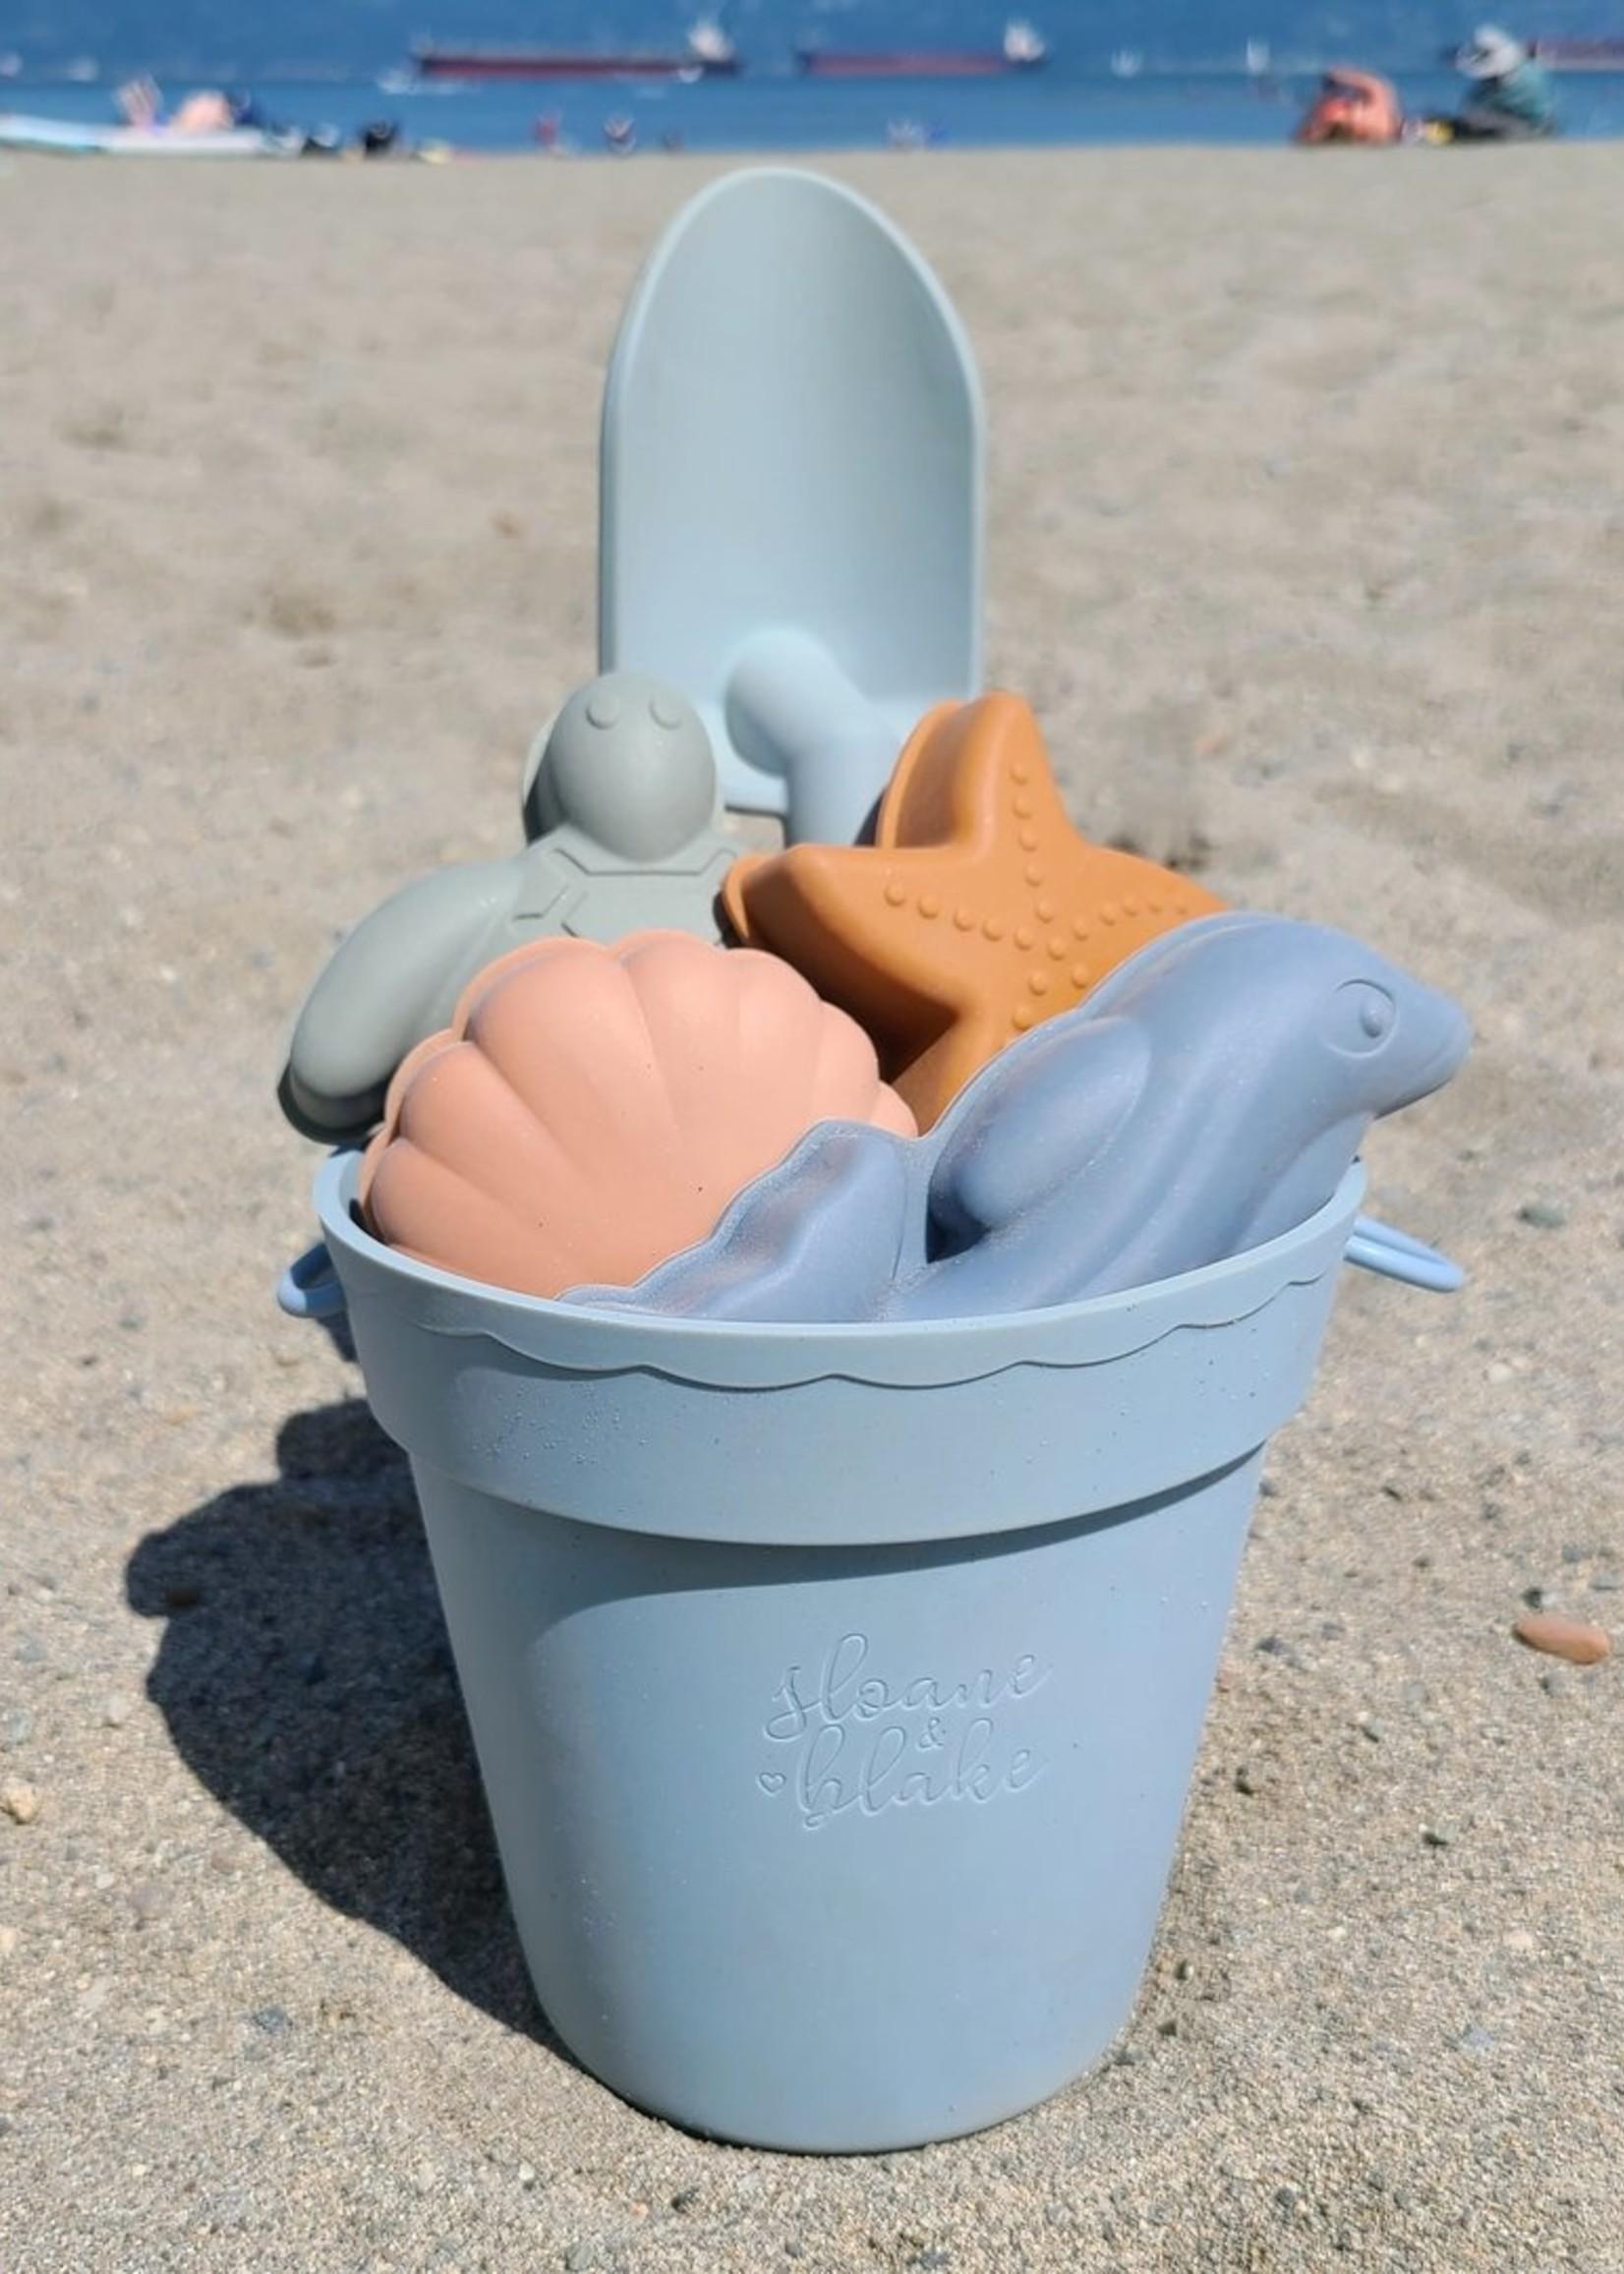 Sloane & Blake Silicone Beach Toy Playset